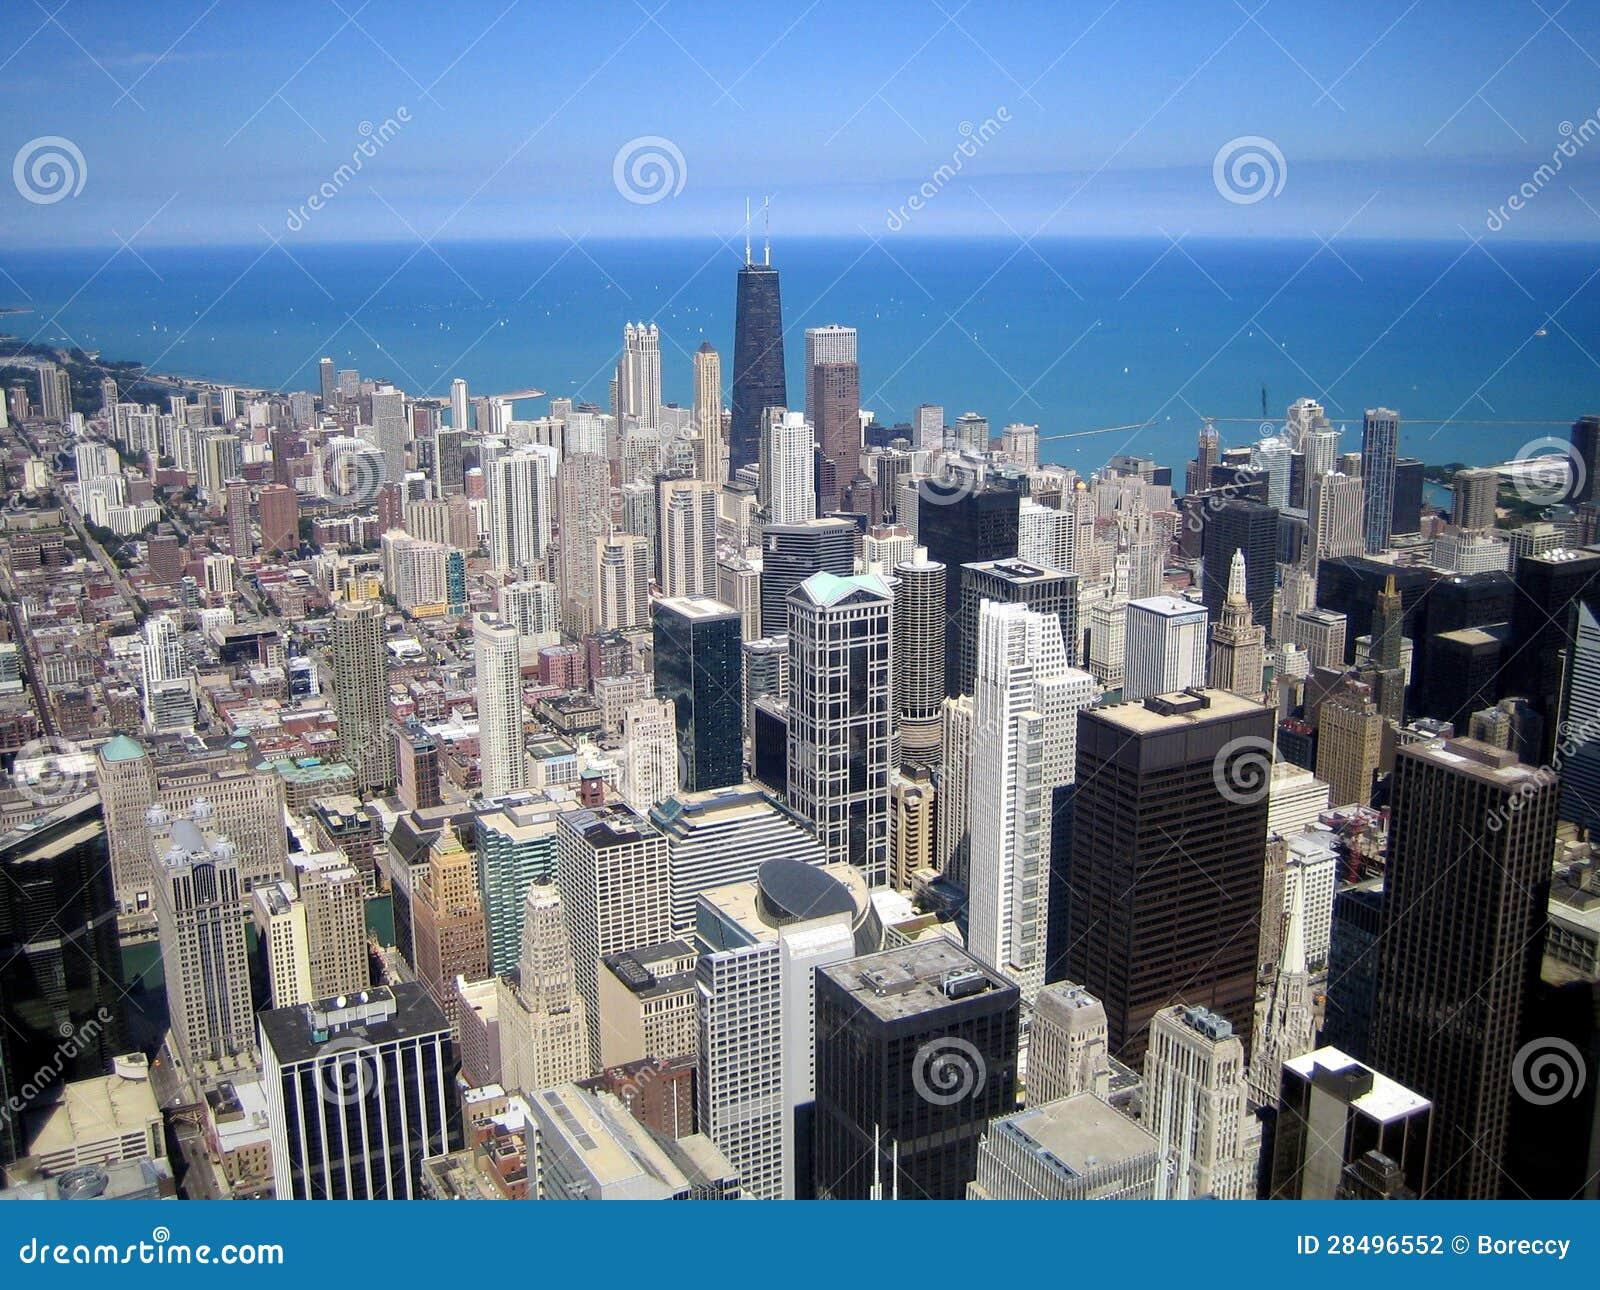 Luftaufnahme der Wolkenkratzer in der Stadt von Chicago, Illinois, USA